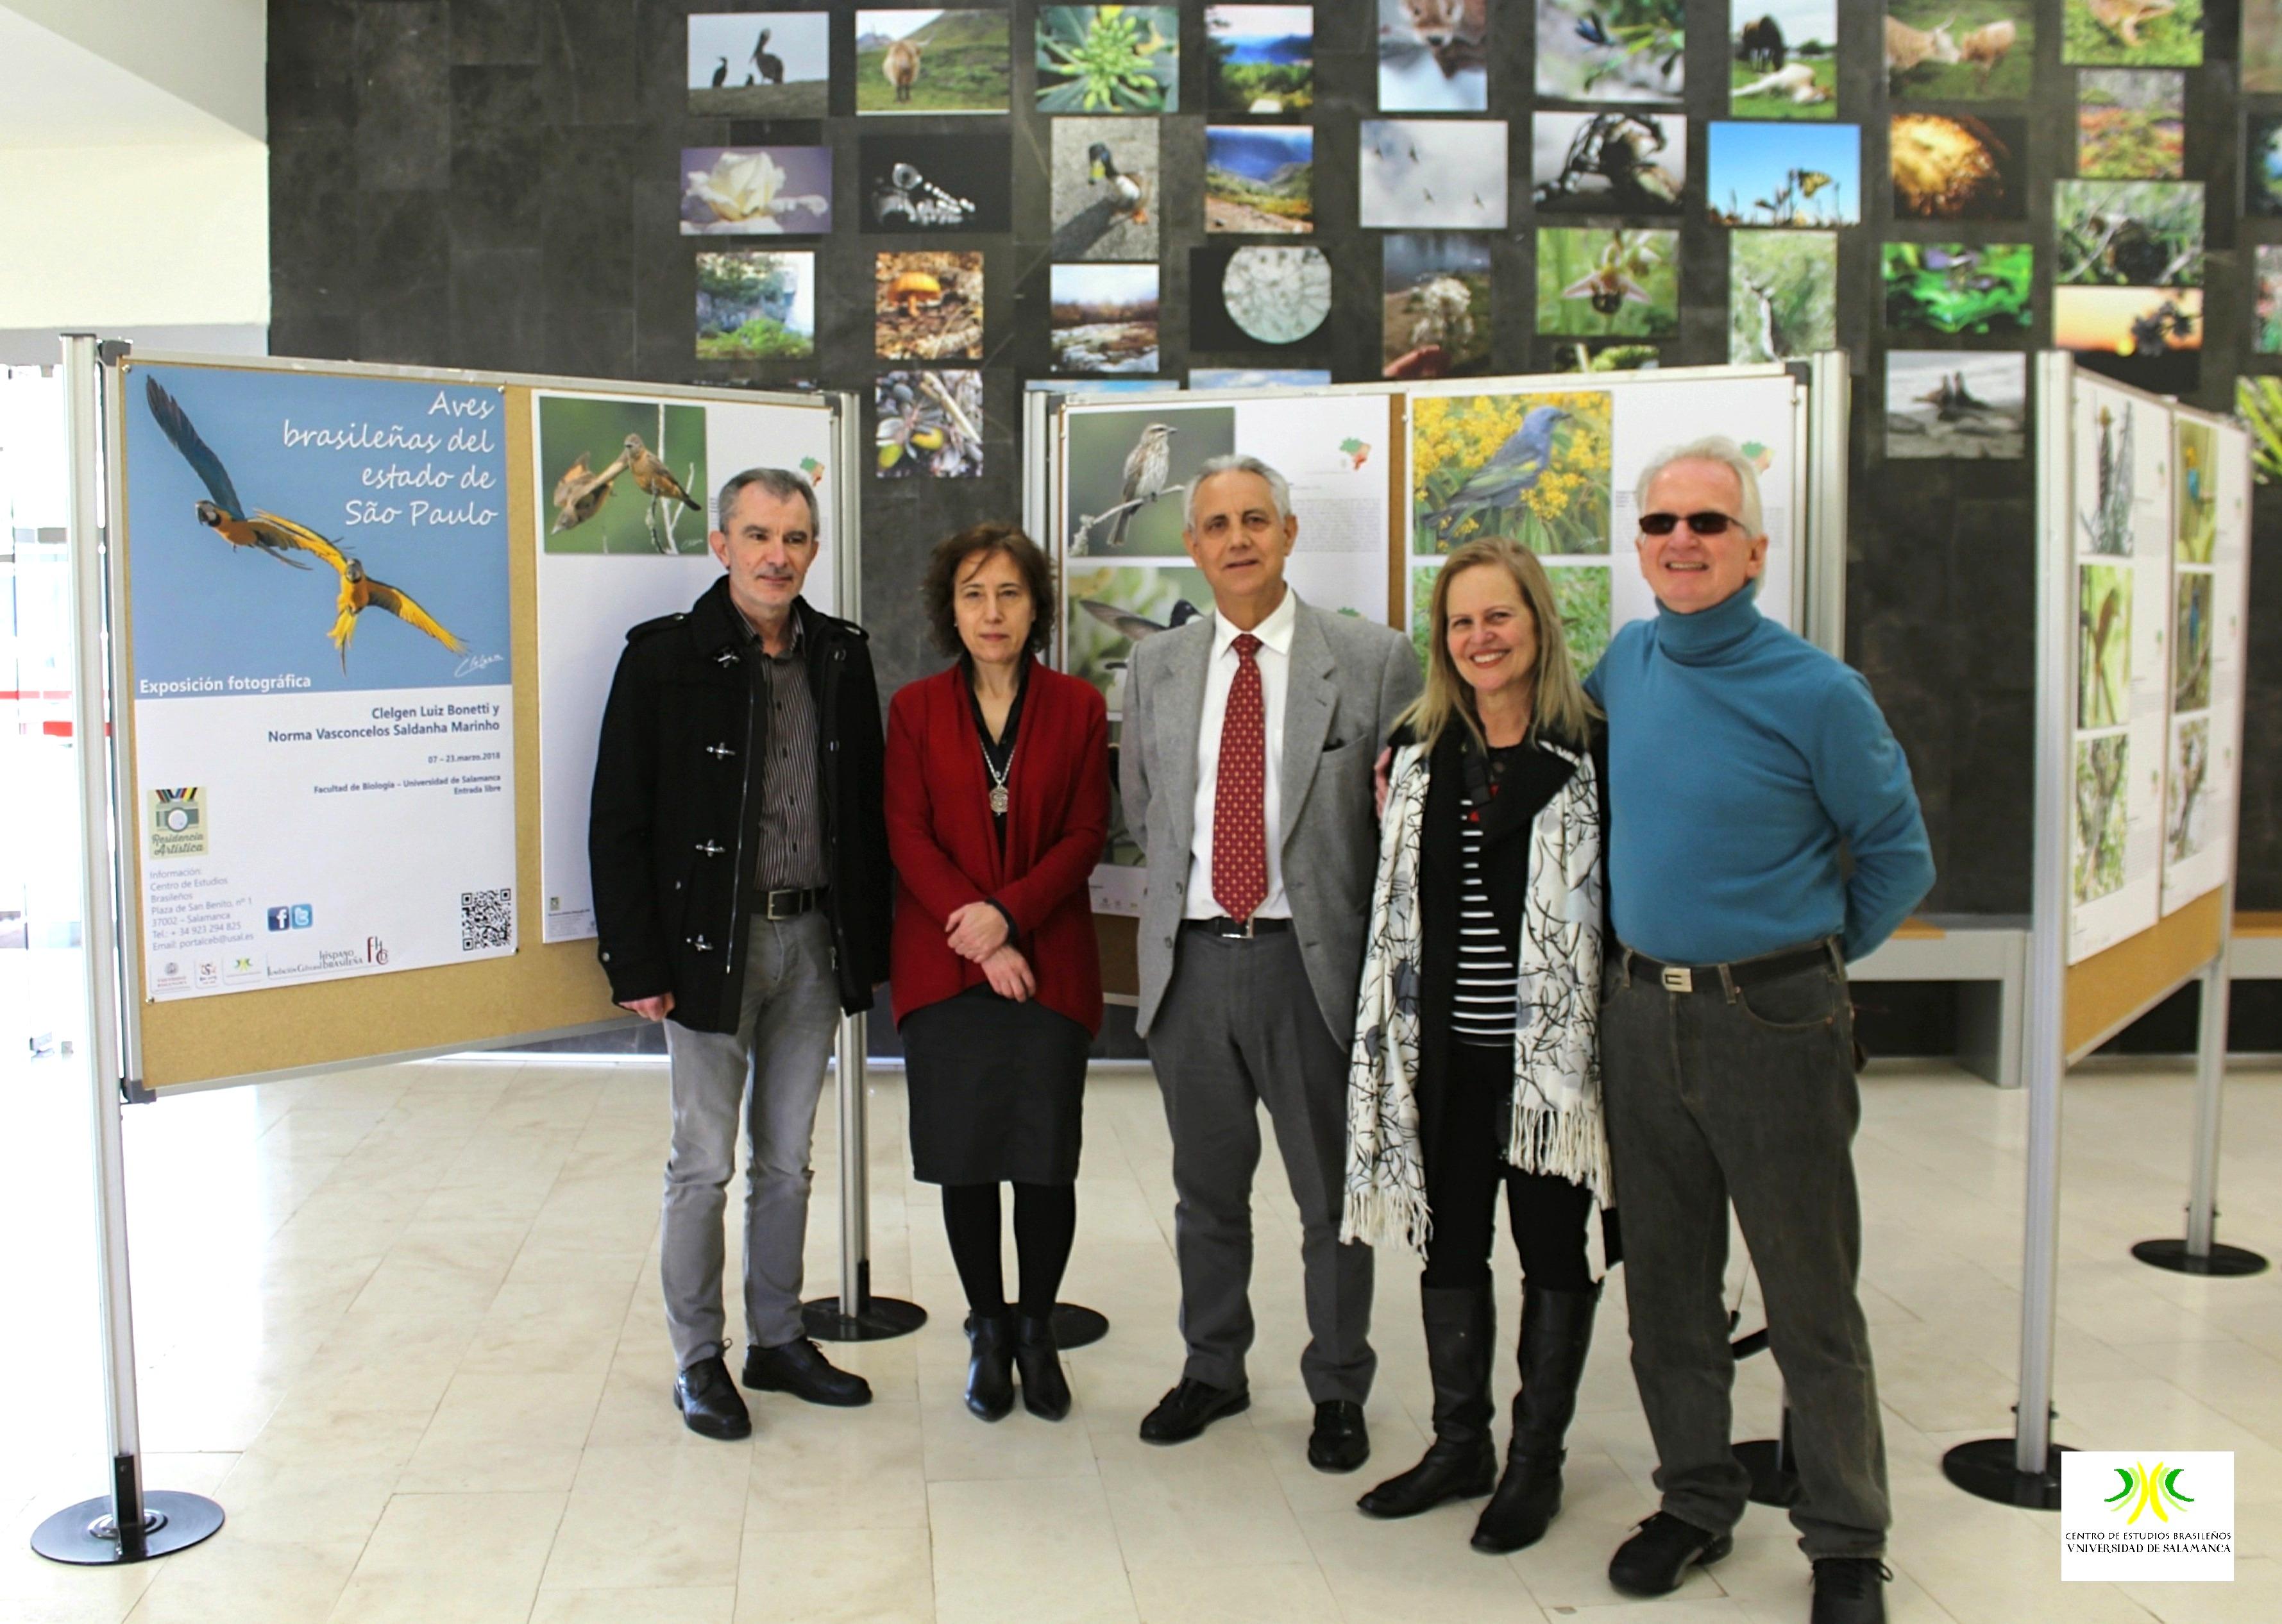 El Centro de Estudios Brasileños inaugura una exposición sobre avifauna del estado de São Paulo en la Facultad de Biología de la Universidad de Salamanca